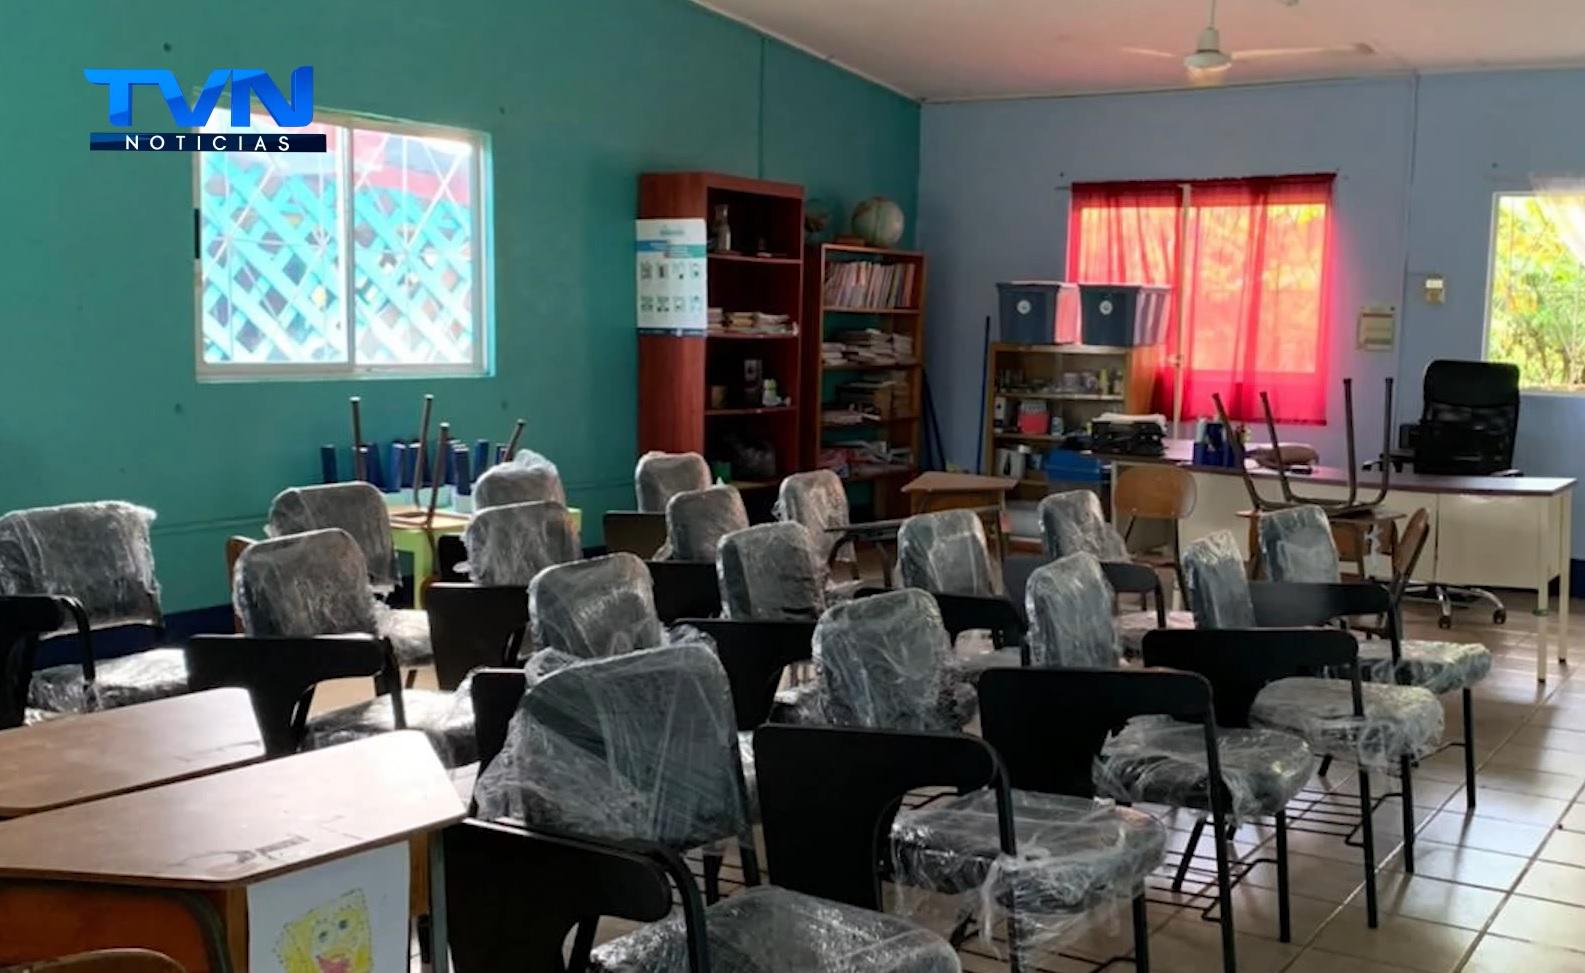 Estudiantes de Crucitas de Cutris recibirán lecciones en mejores condiciones